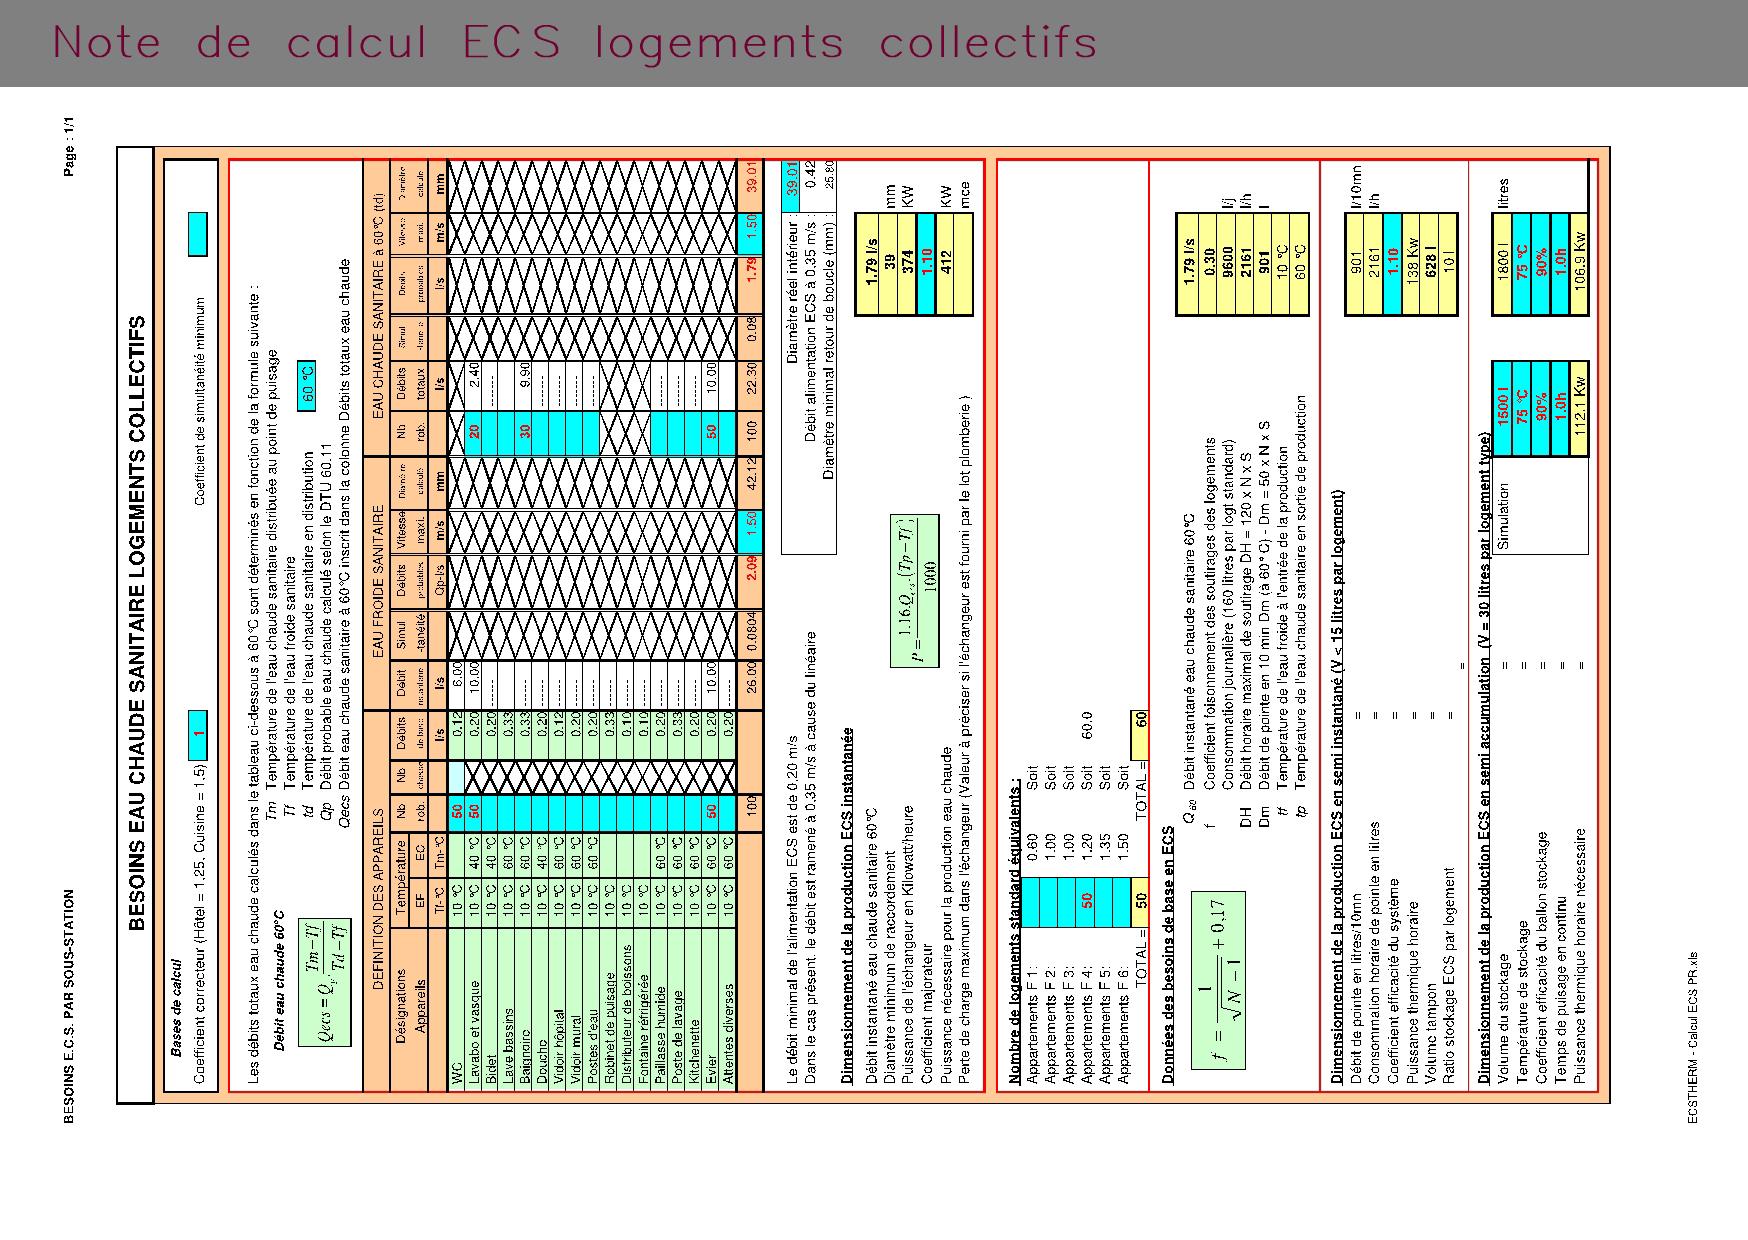 Note de calcul ECS pour logements collectifs